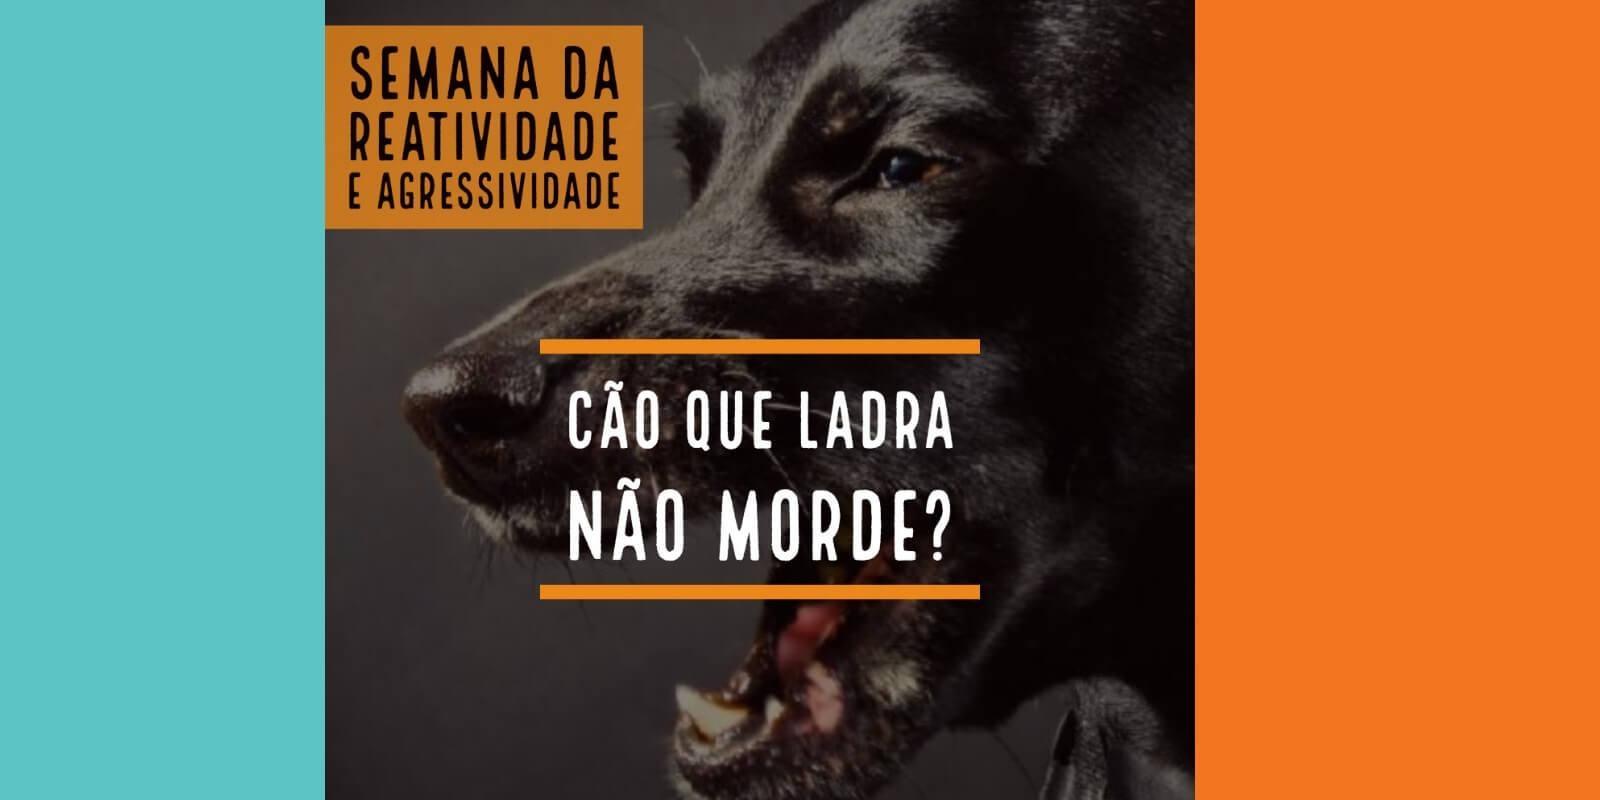 Lambeijos, Carla Ruas - Cão que ladra não morde? Semana da Reatividade e Agressividade em Cães